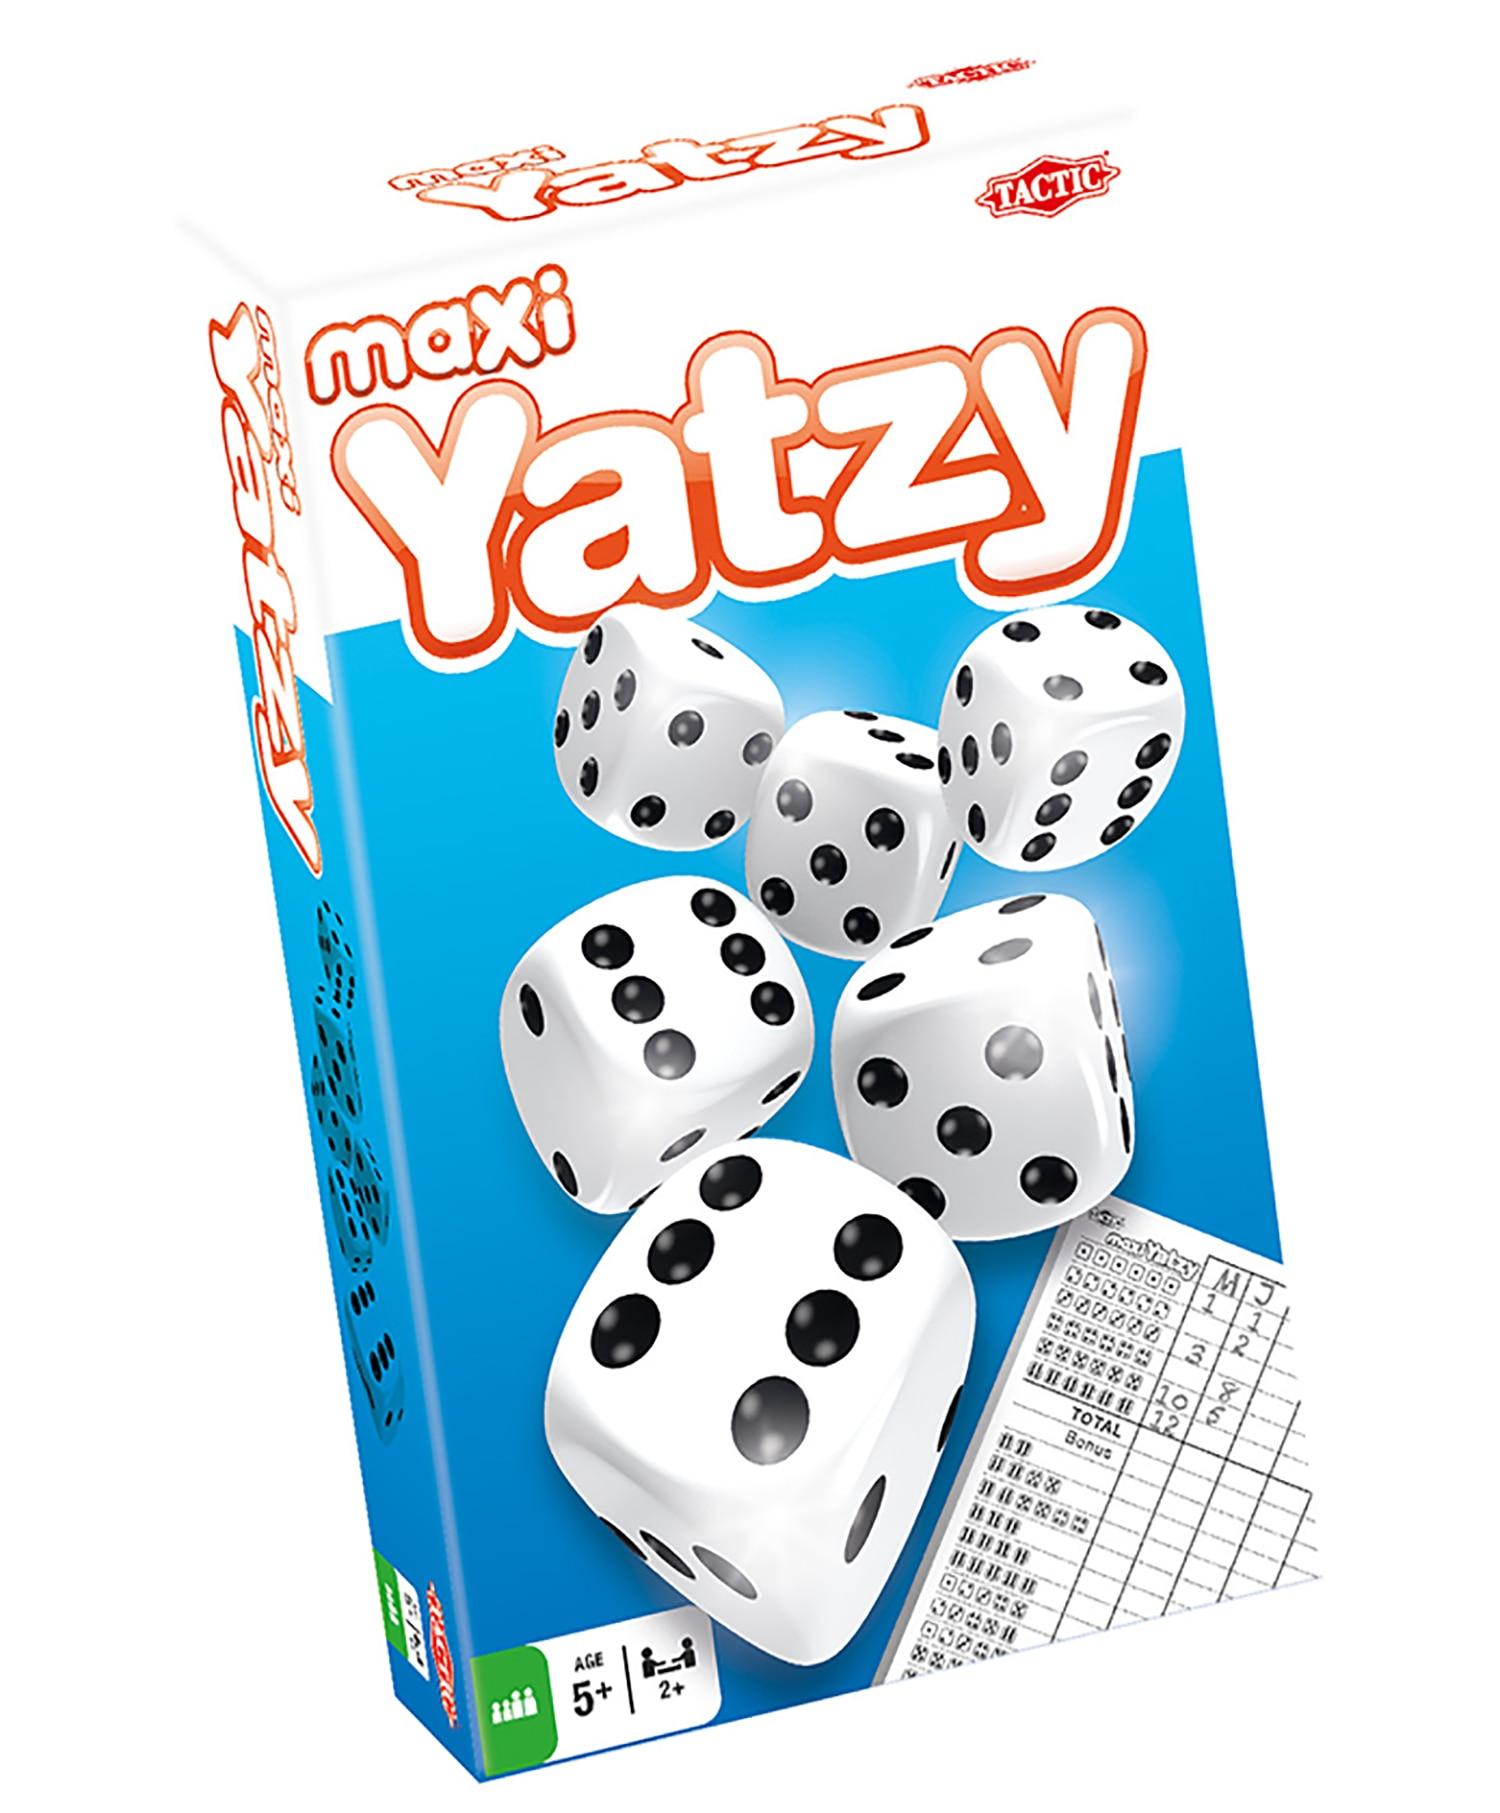 Tactic Maxi Yatzy